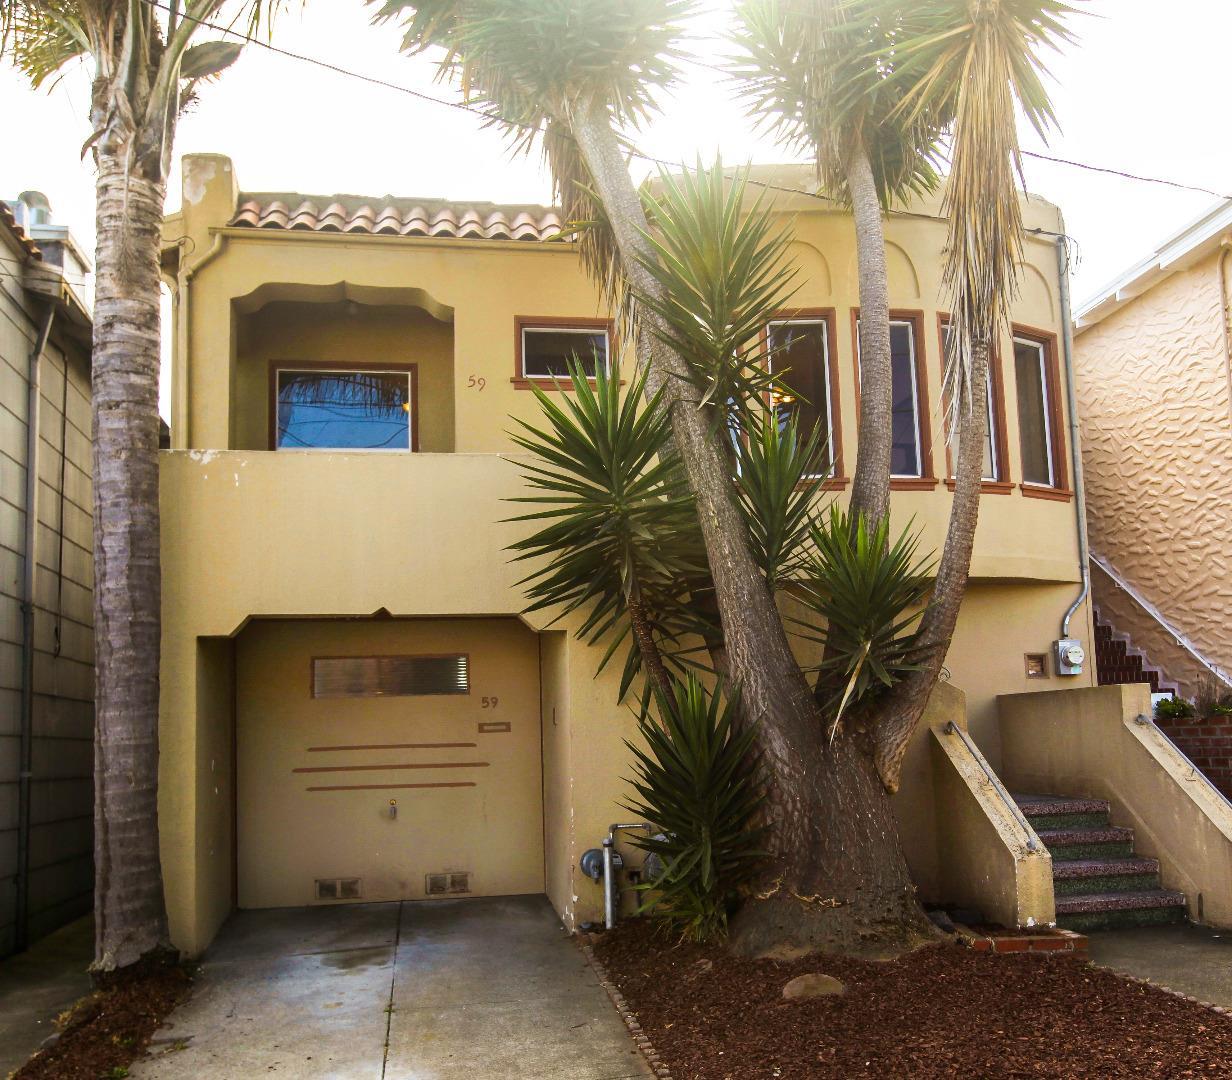 Image for 59 Paulding Street, <br>San Francisco 94112